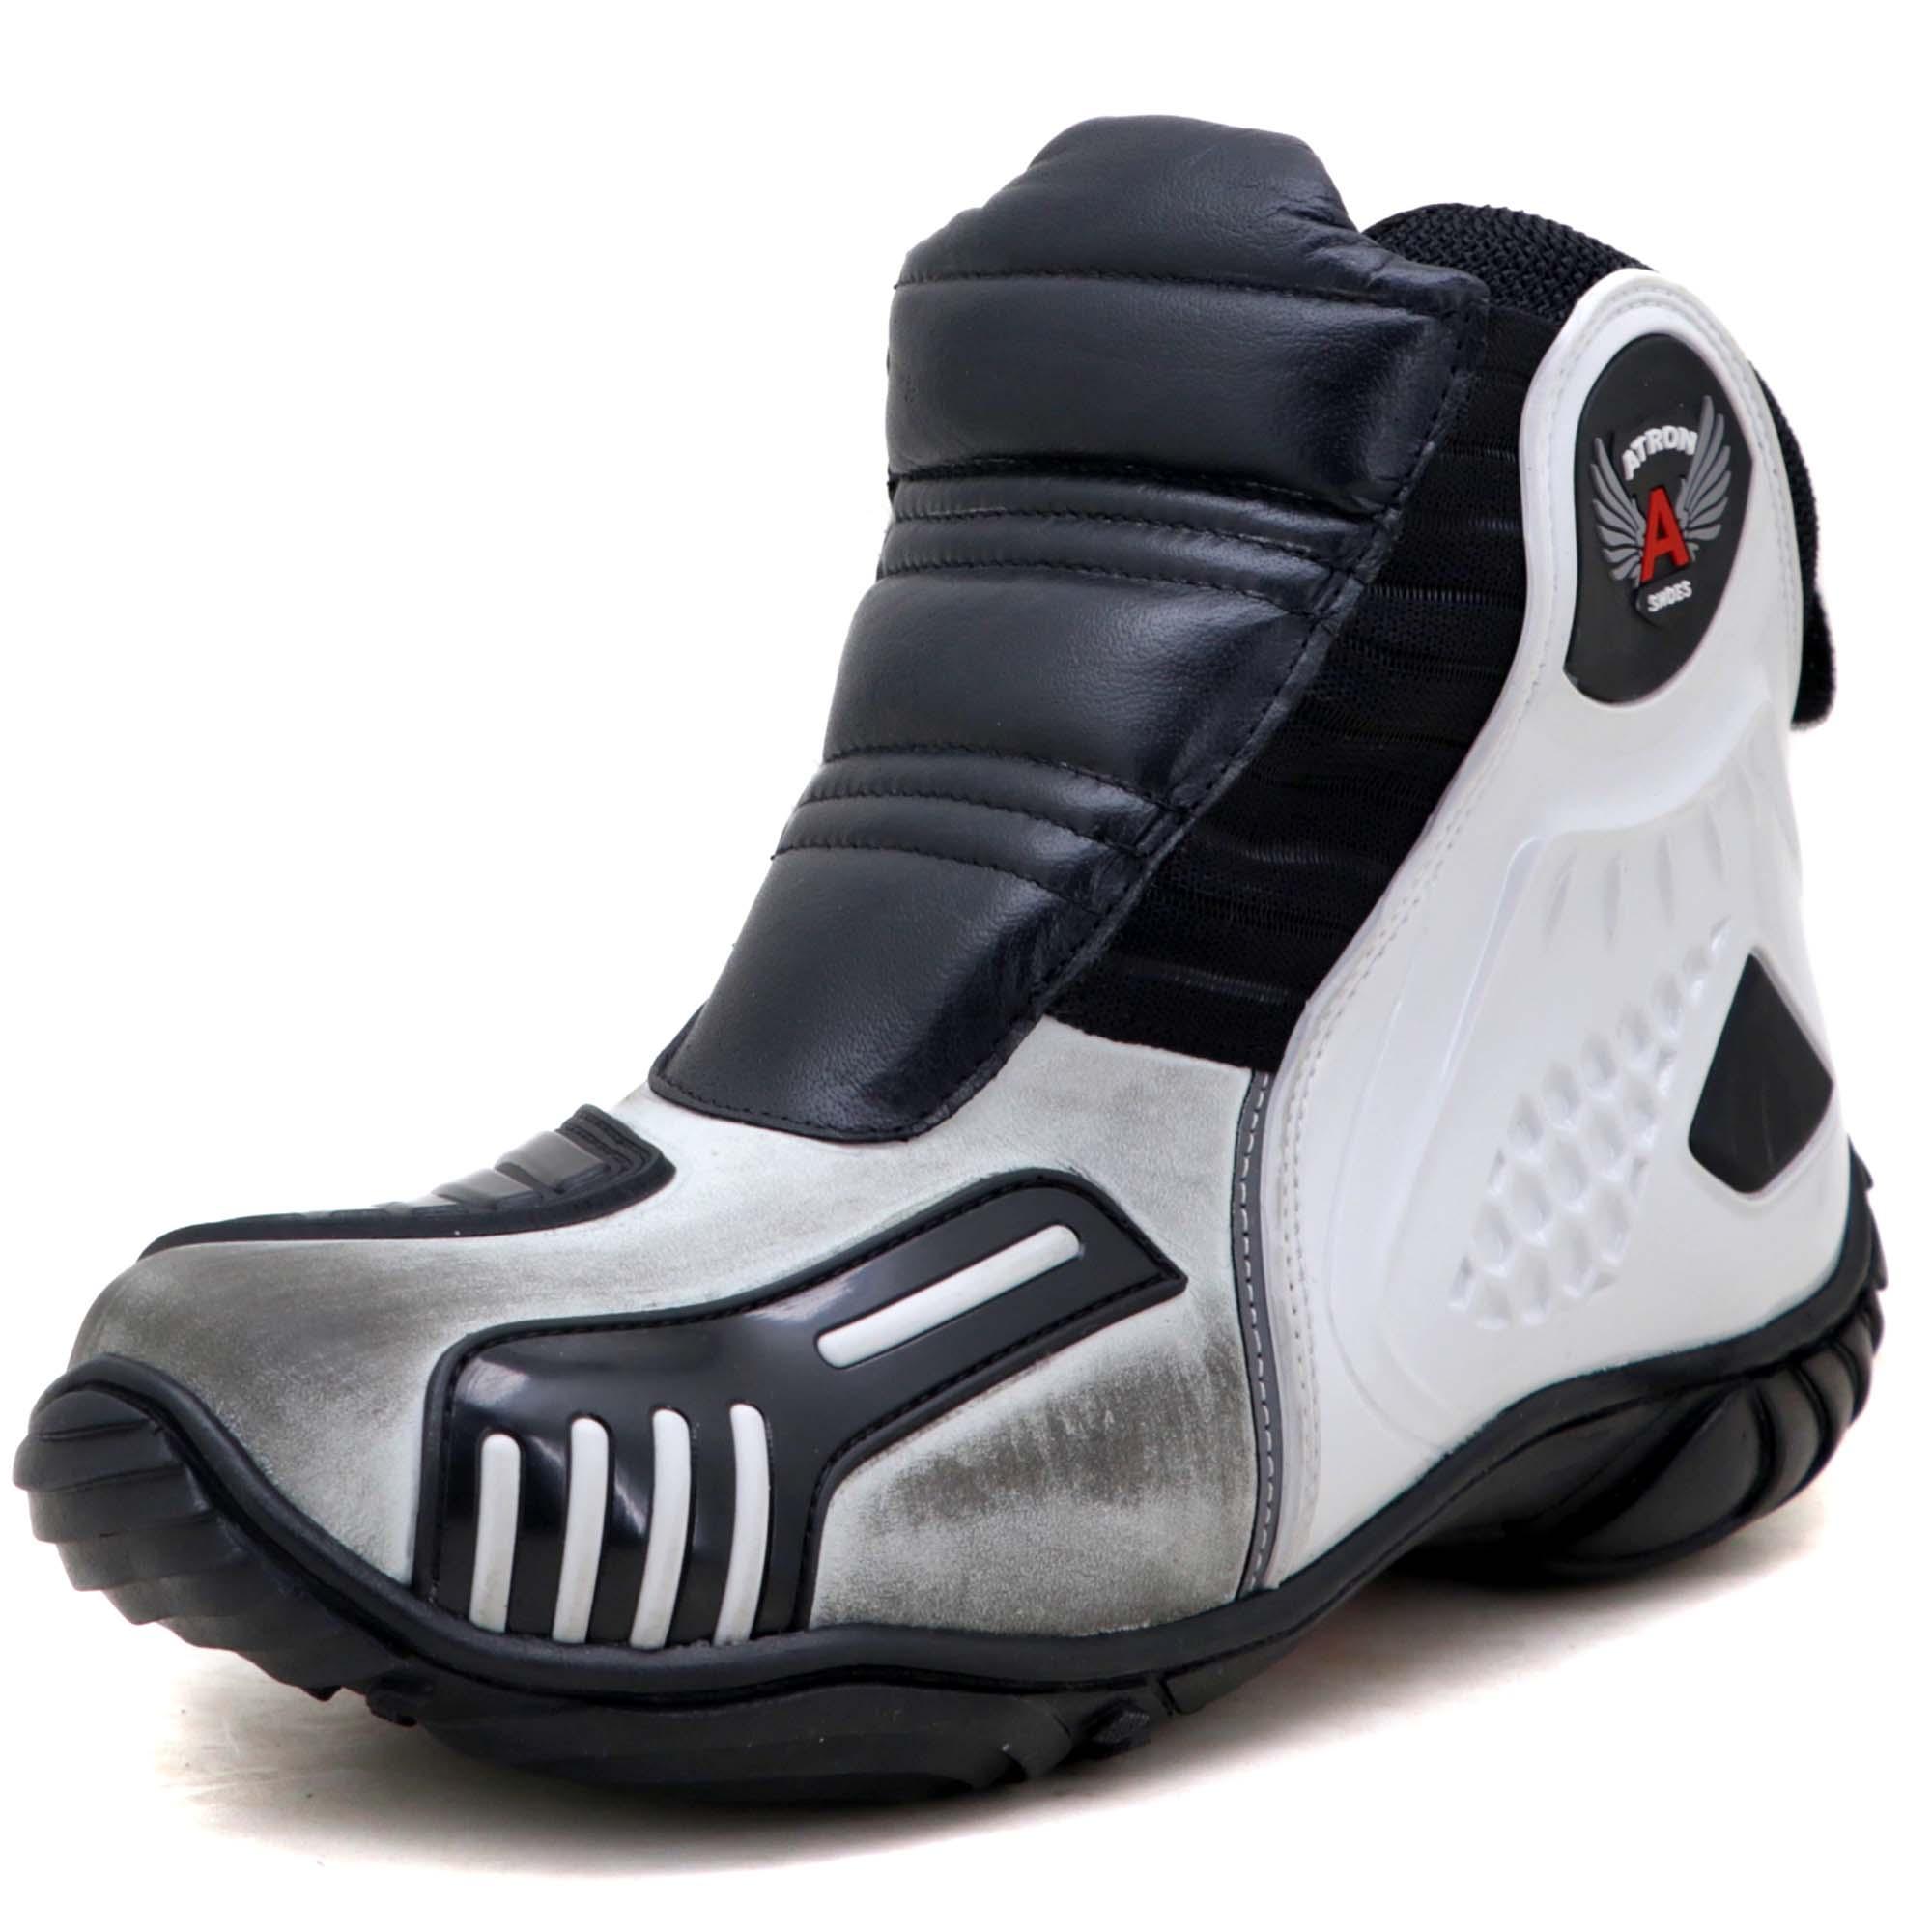 Bota motociclista Atron Shoes AS-HIGHWAY em couro legítimo semi-impermeável emborrachada Com elástico na cor ASfalto 408